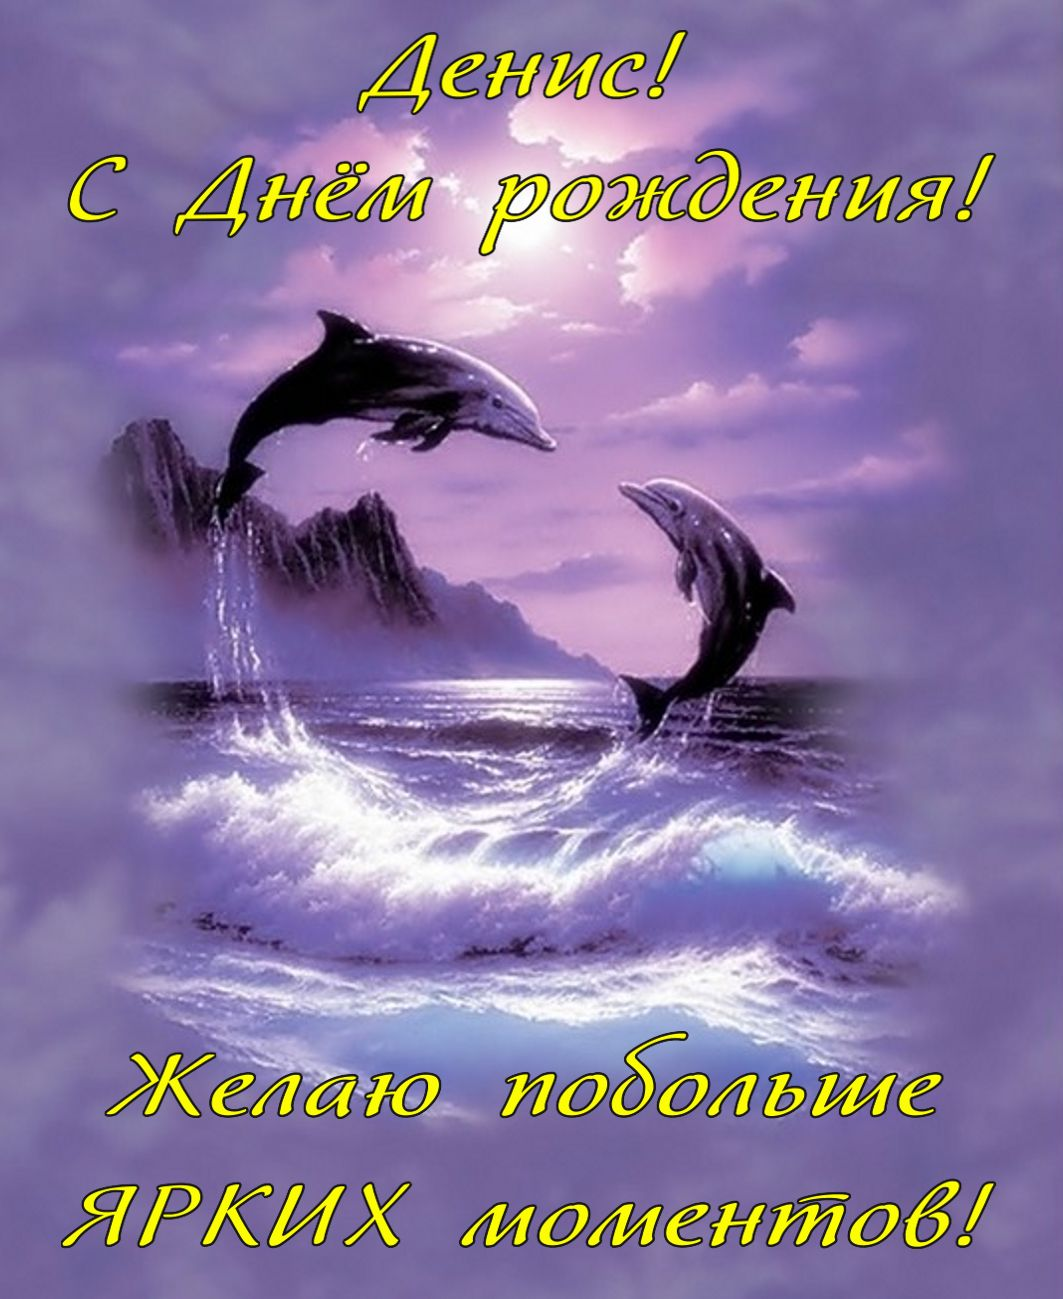 Открытка с Днем рождения Денису - дельфины в море на красивом фоне